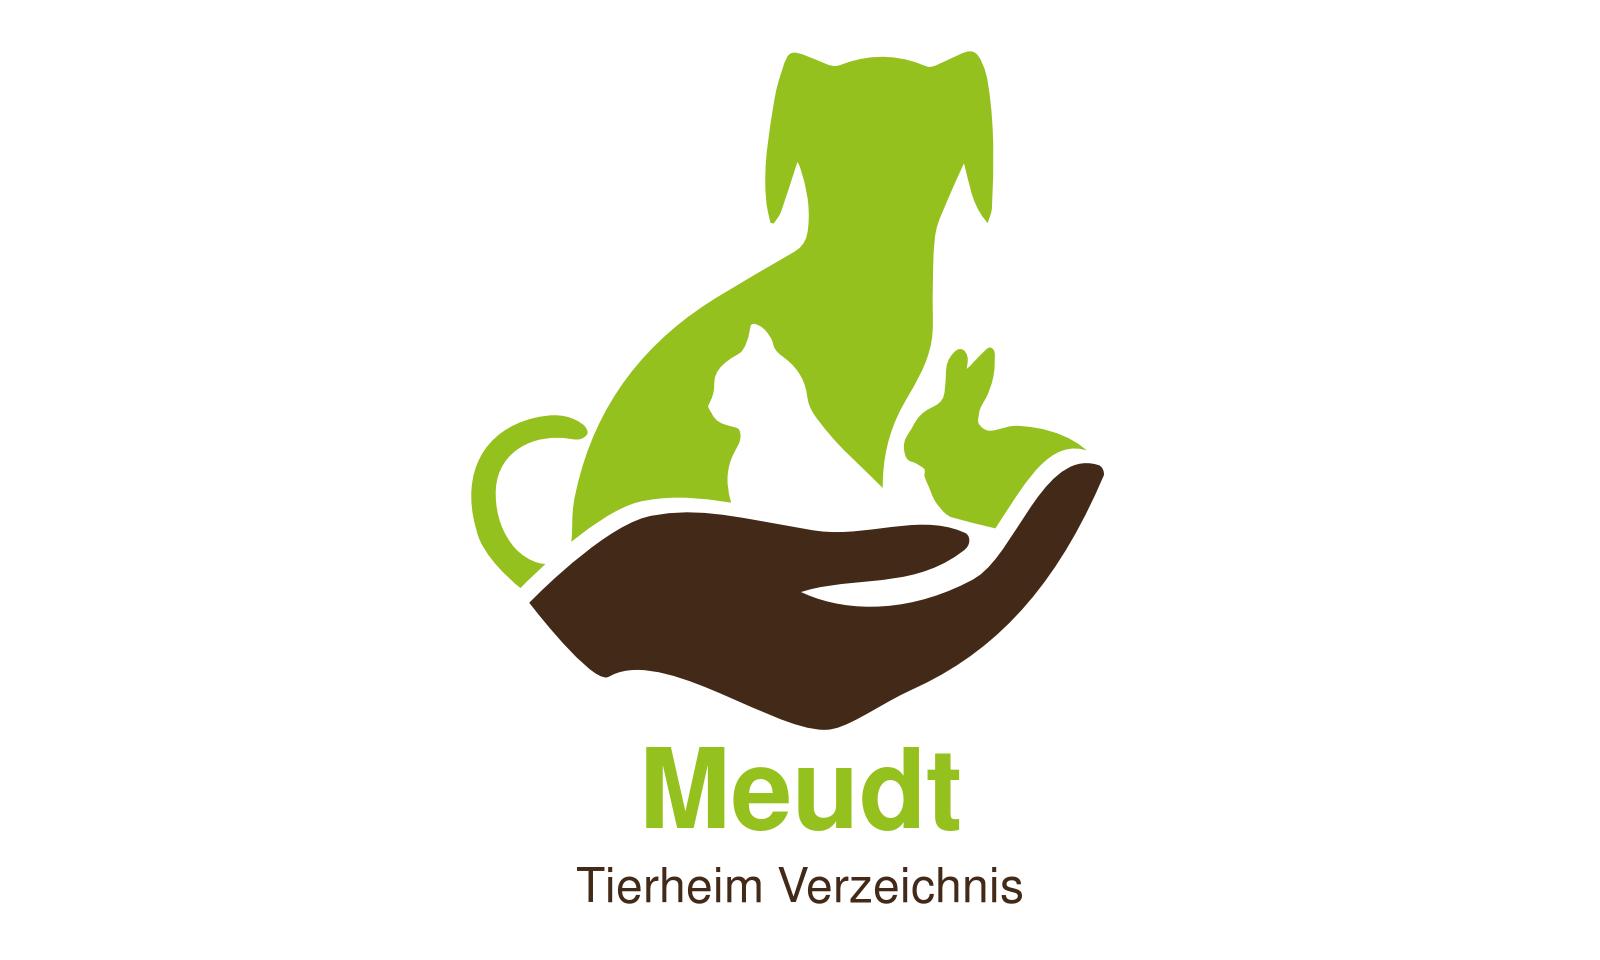 Tierheim Meudt